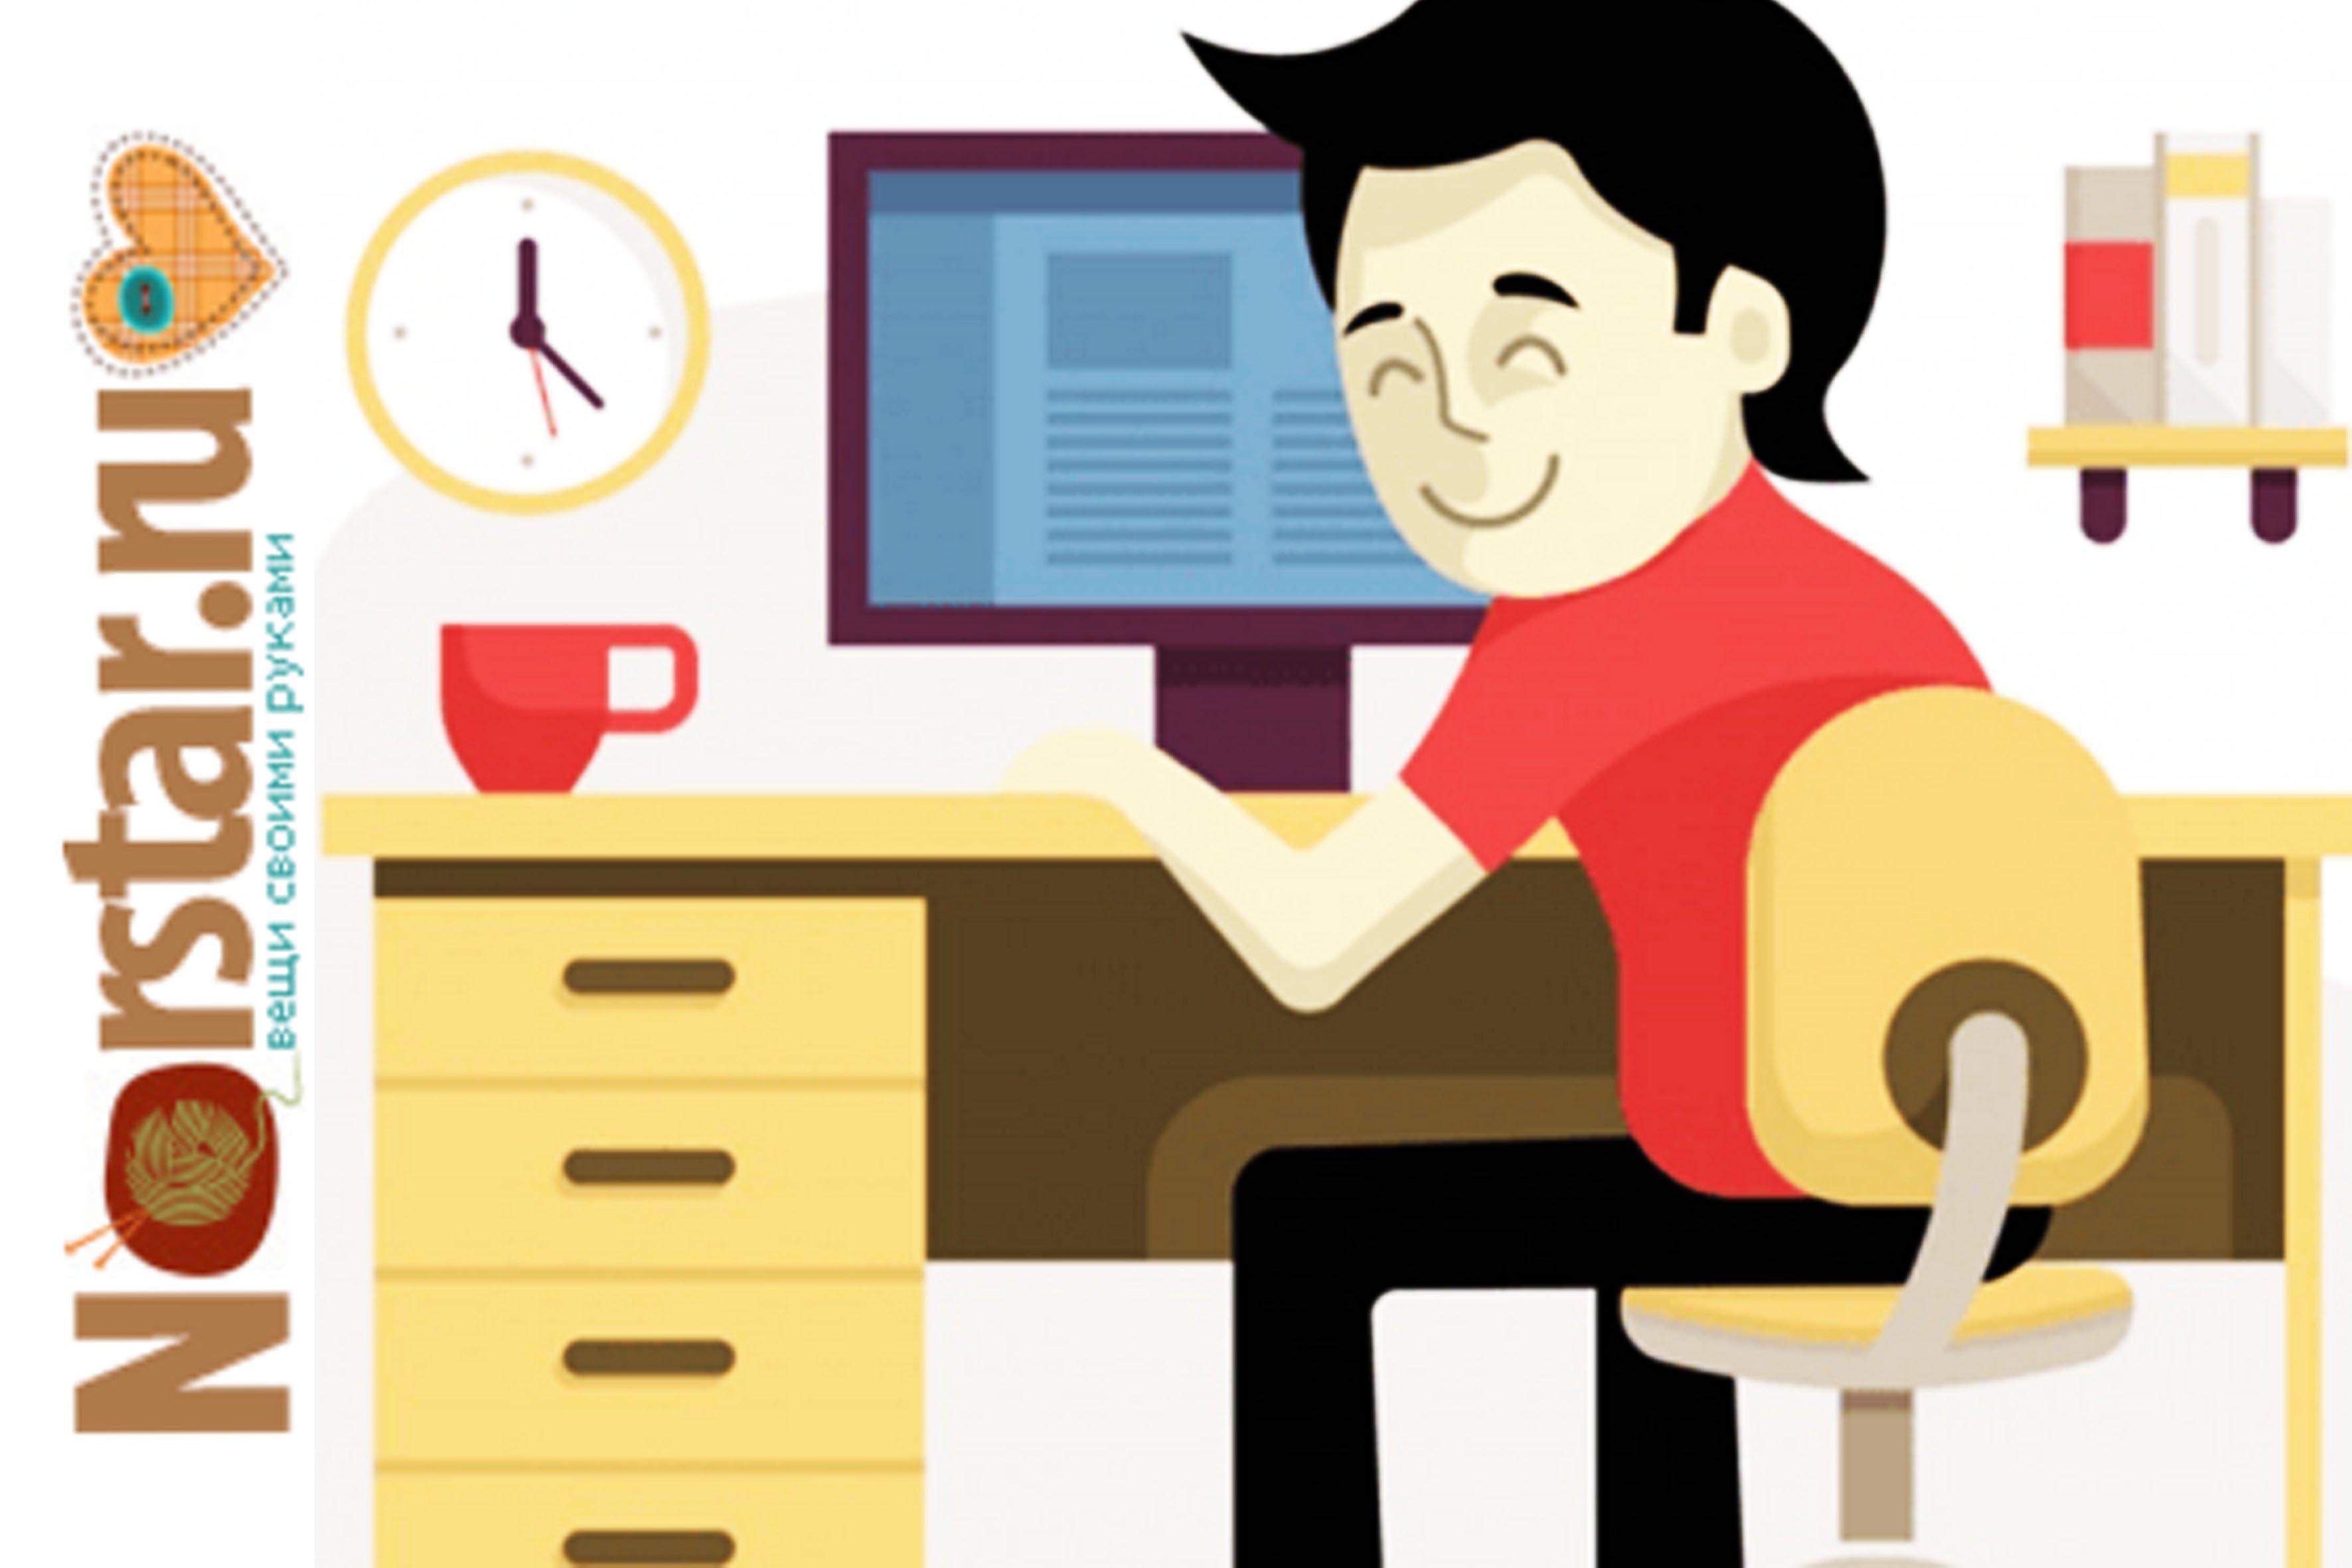 совет как знакомится в интернете